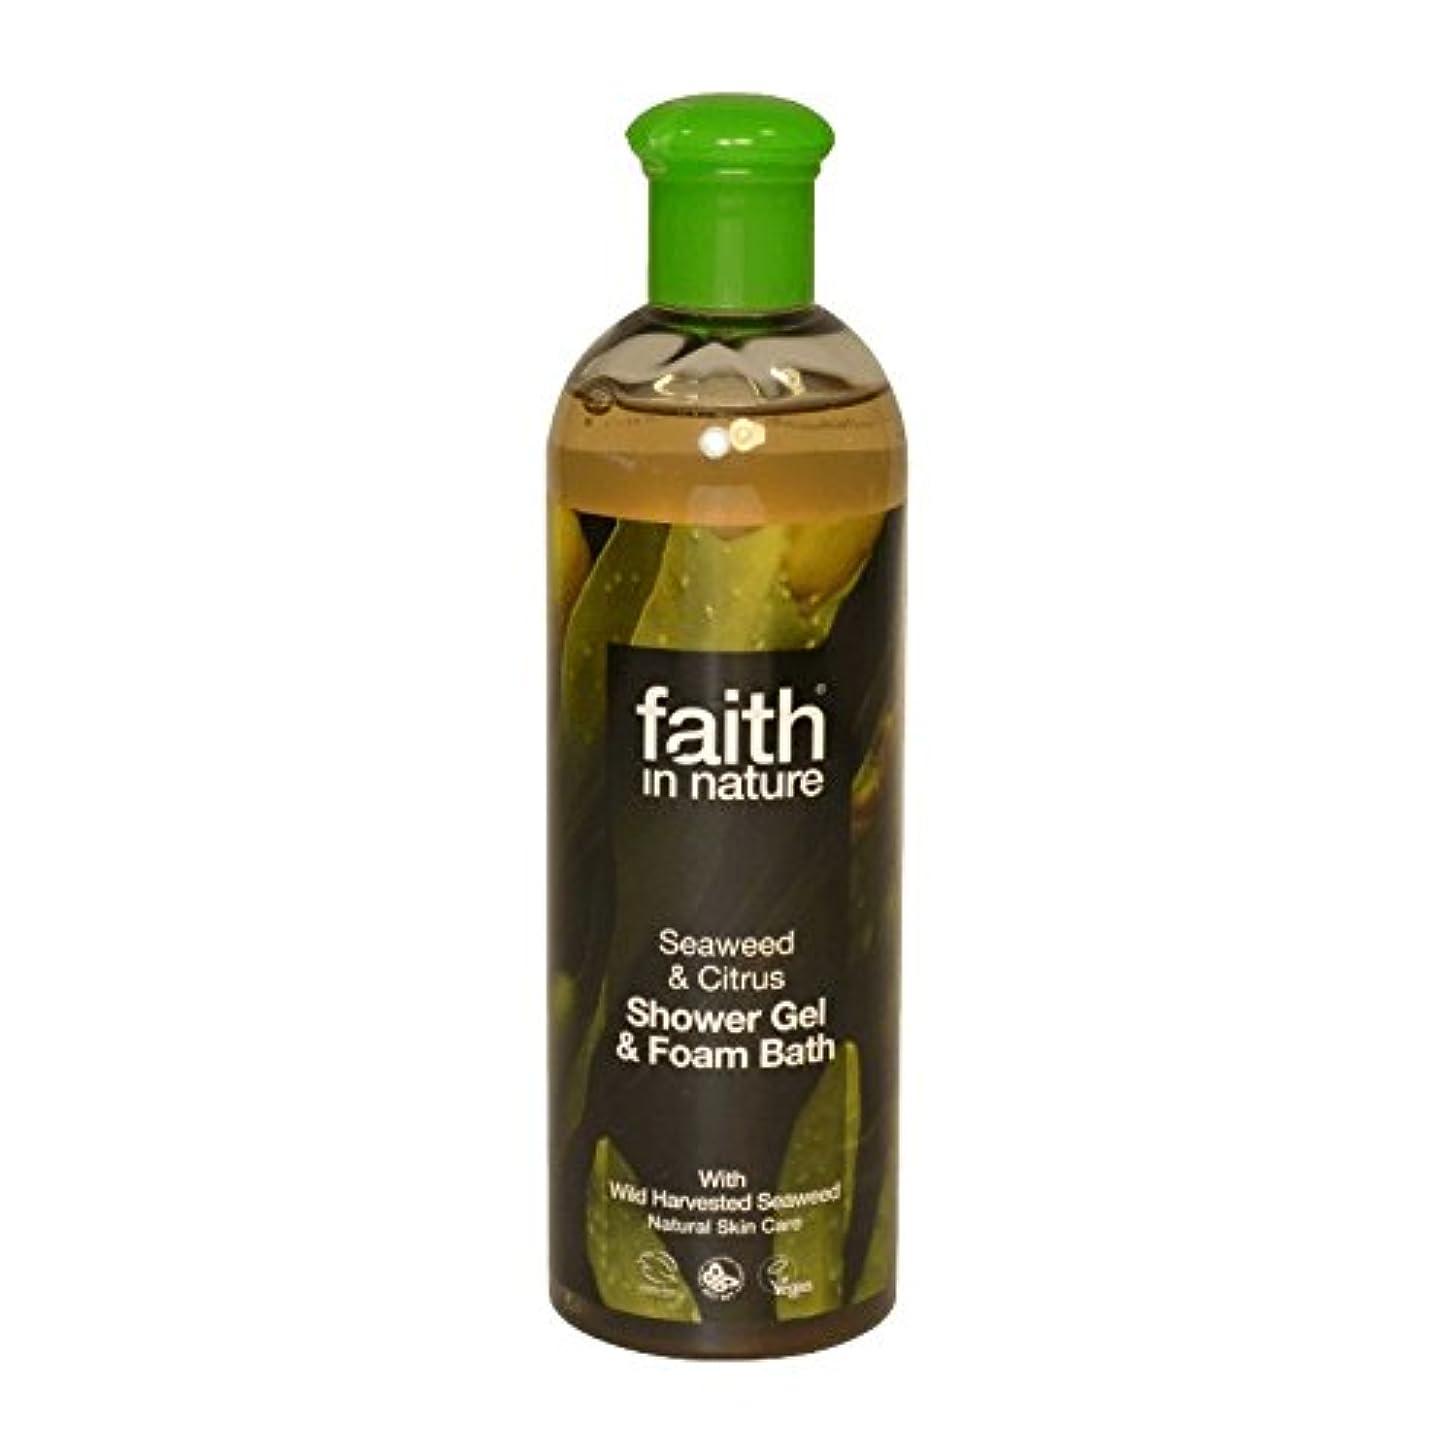 移住する活気づけるFaith in Nature Seaweed & Citrus Shower Gel & Bath Foam 400ml (Pack of 6) - 自然の海藻&シトラスシャワージェル&バス泡400ミリリットルの信仰...